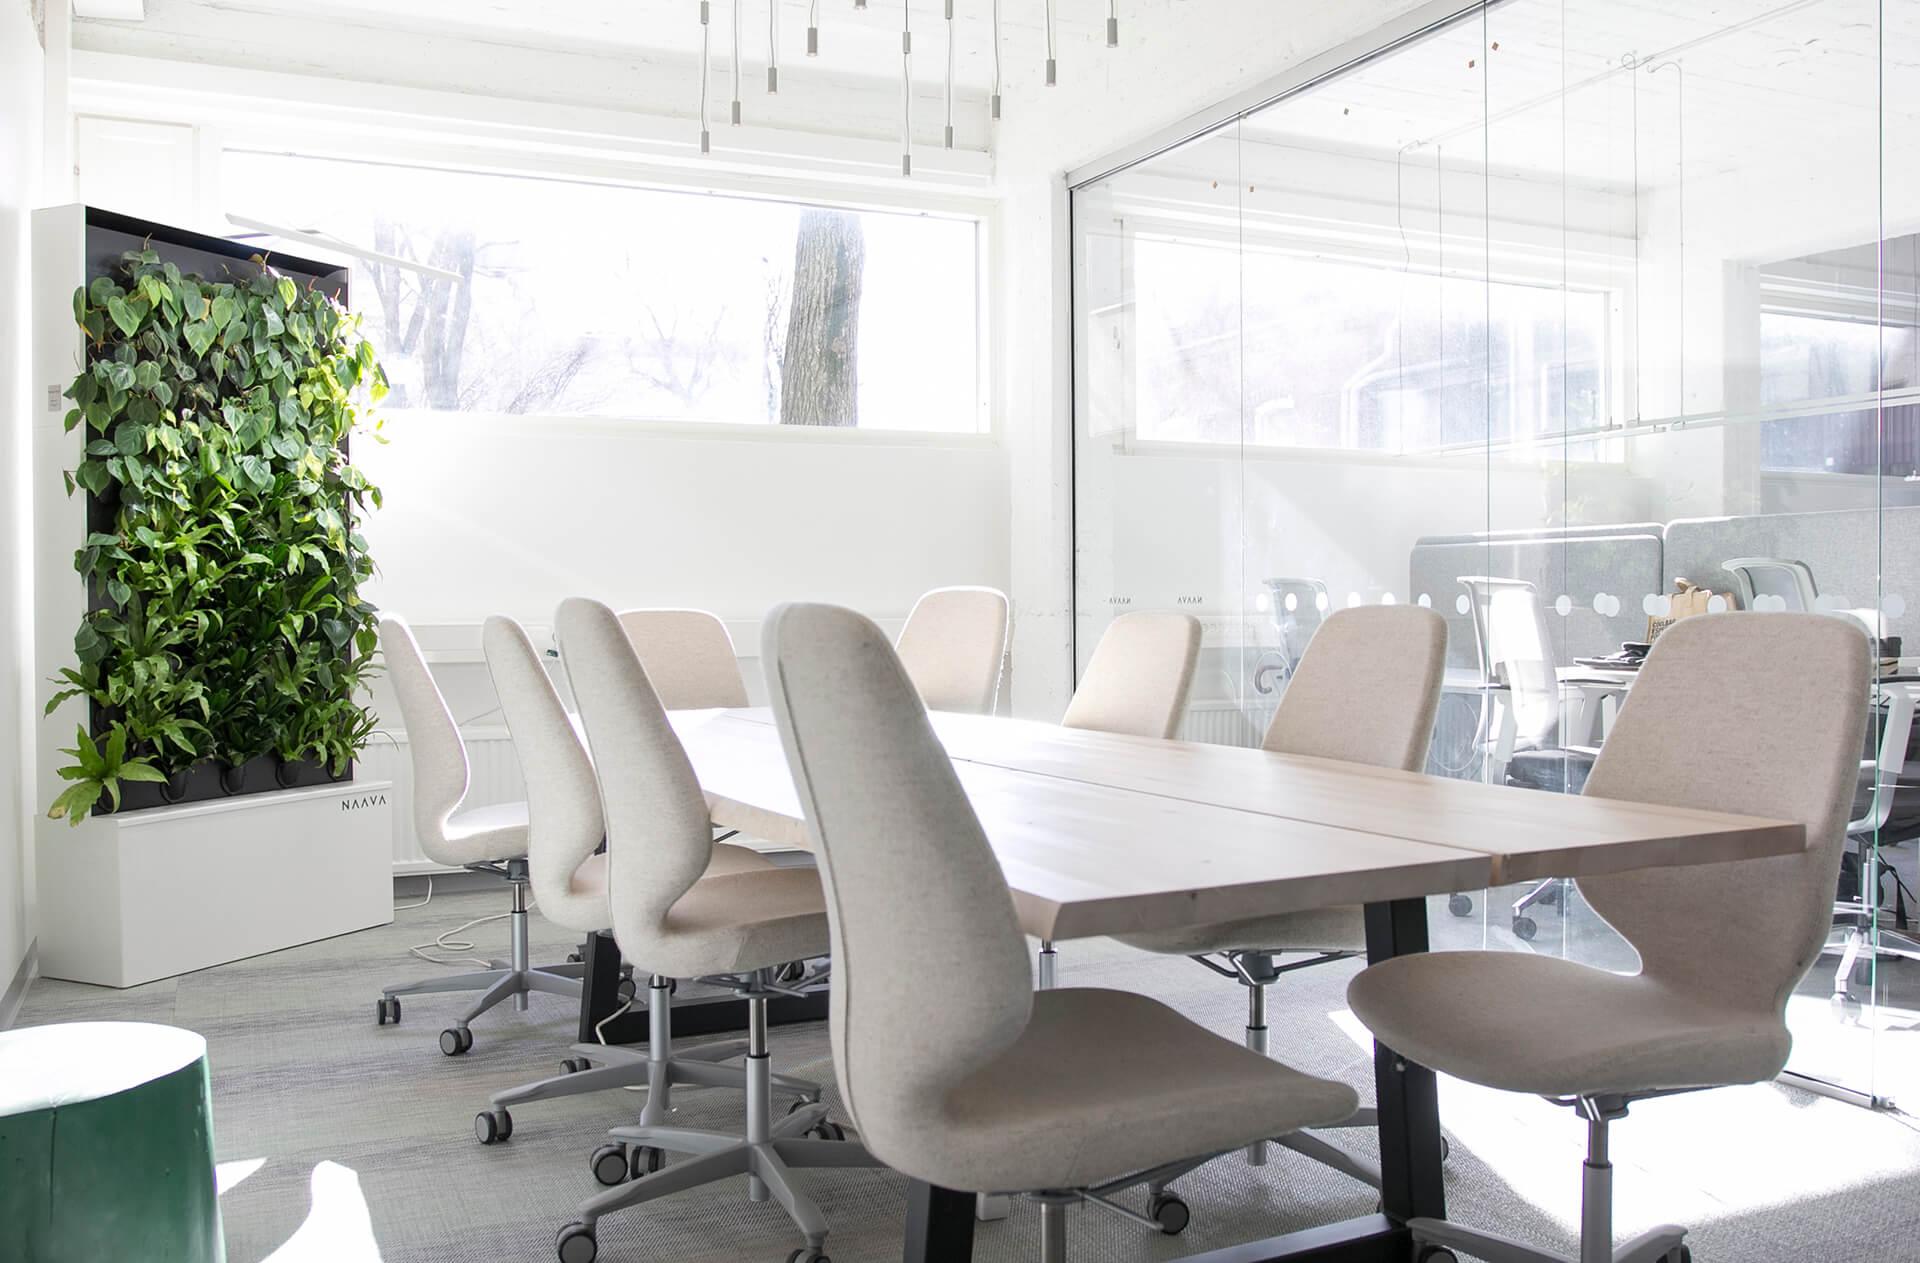 Naava Helsinki office - Naava One